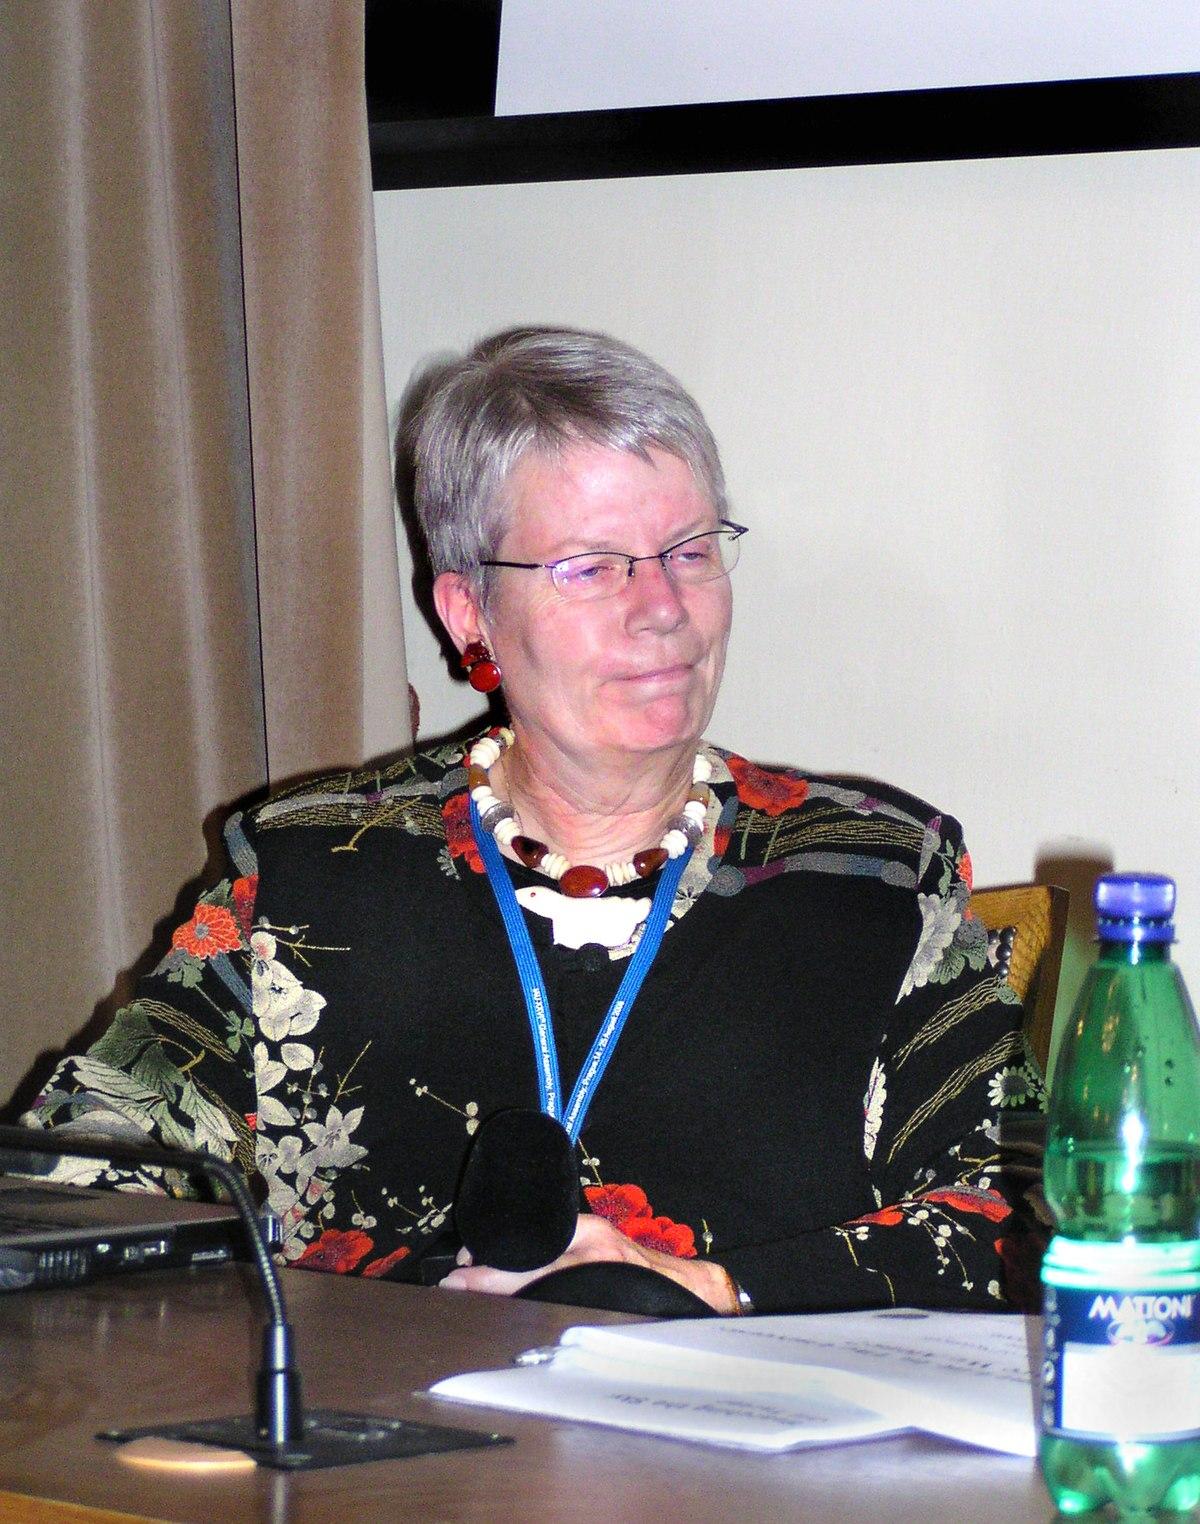 Jill Cornell Tarter  Wikipedia